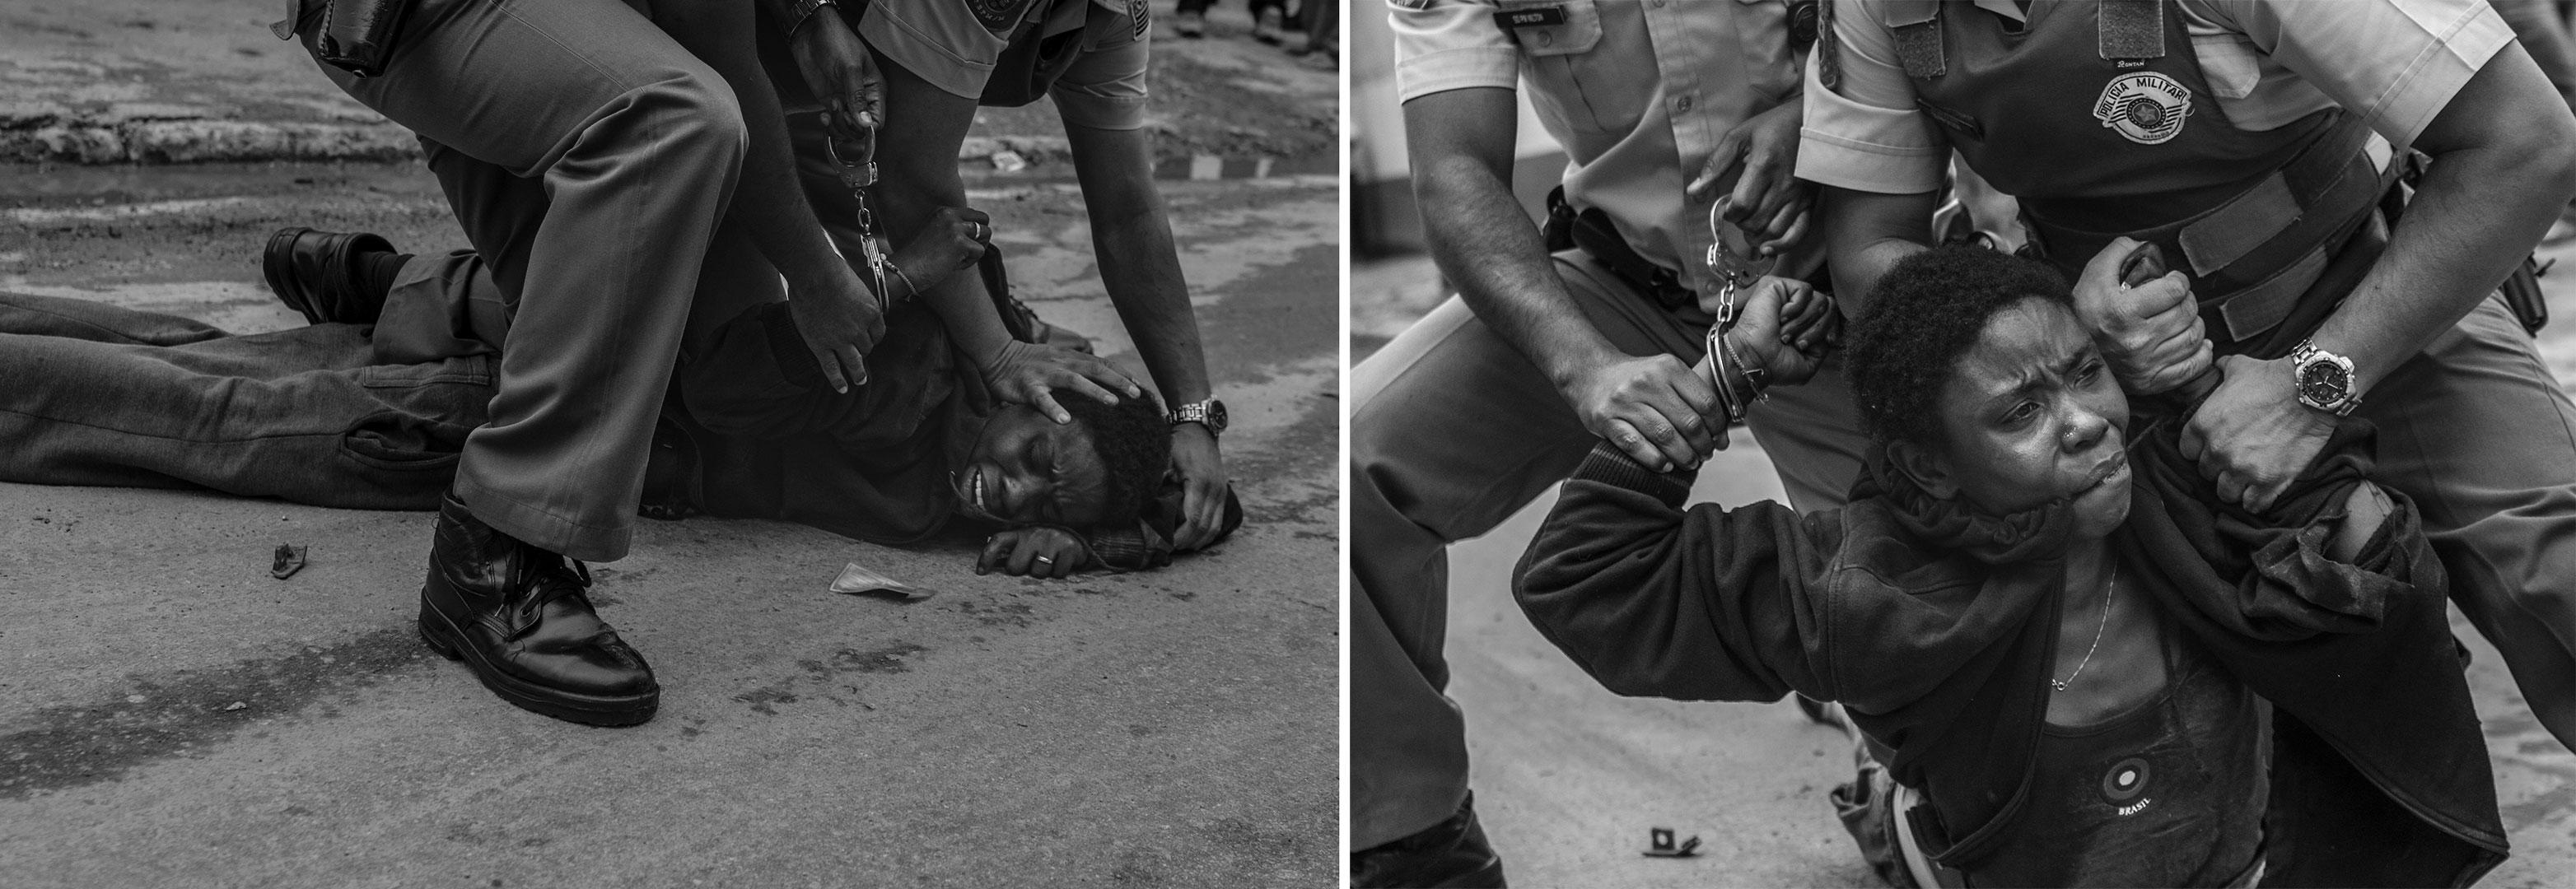 São Paulo, setembro de 2009: dominada a golpes violentos pelos soldados da PM Gilson (de óculos) e Nilton, a mulher que acabara de roubar uma carteira do porteiro Evangelista Oliveira, 48 anos na avenida Manuel Bandeira, é observada por operários que chegaram a dominá-la antes da chegada dos policiais. Os PMs aplicaram socos, chutes e usaram spray de pimenta para segurar a suspeita. O caso foi encaminhado para o 91 DP – CEAGESP.